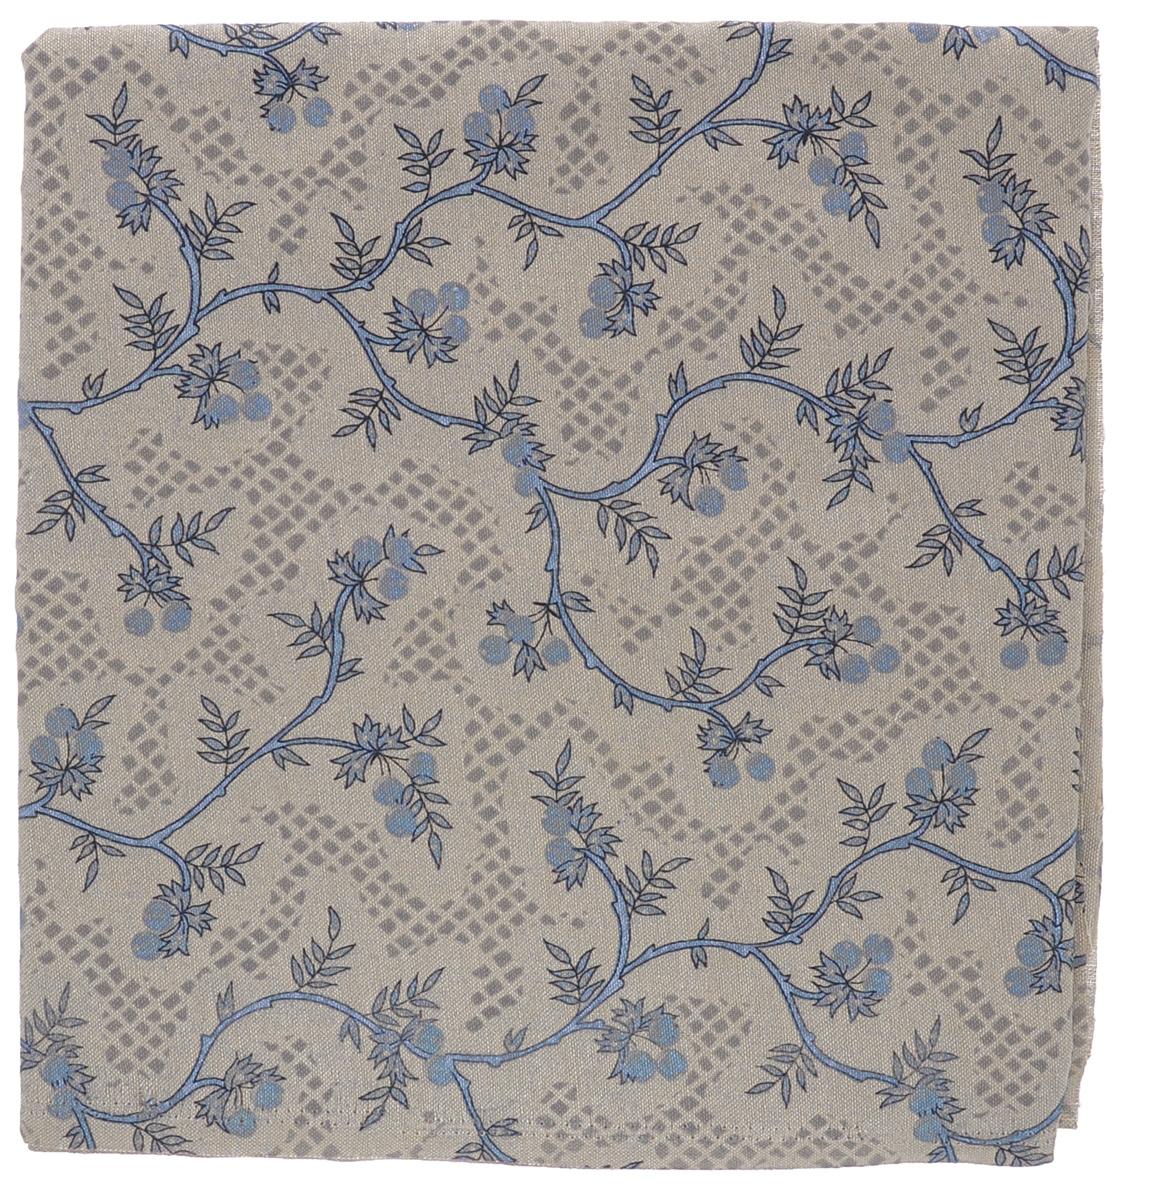 Ткань Mas dOusvan Eloa Chambray, 110 х 100 смBLOA.CHYBТкань Mas dOusvan Eloa Chambray, выполненная из натурального хлопка, используется для творческих работ. Хлопковые ткани не выцветают, не линяют, не деформируются при стирке и в процессе носки готовых изделий, сшитых из этих тканей. Ткань Mas dOusvan Eloa Chambray можно без опасений использовать в производстве одежды для самых маленьких детей. Также ткань подойдет для декора и оформления творческих работ в различных техниках. Ширина: 110 см. Длина: 1 м.